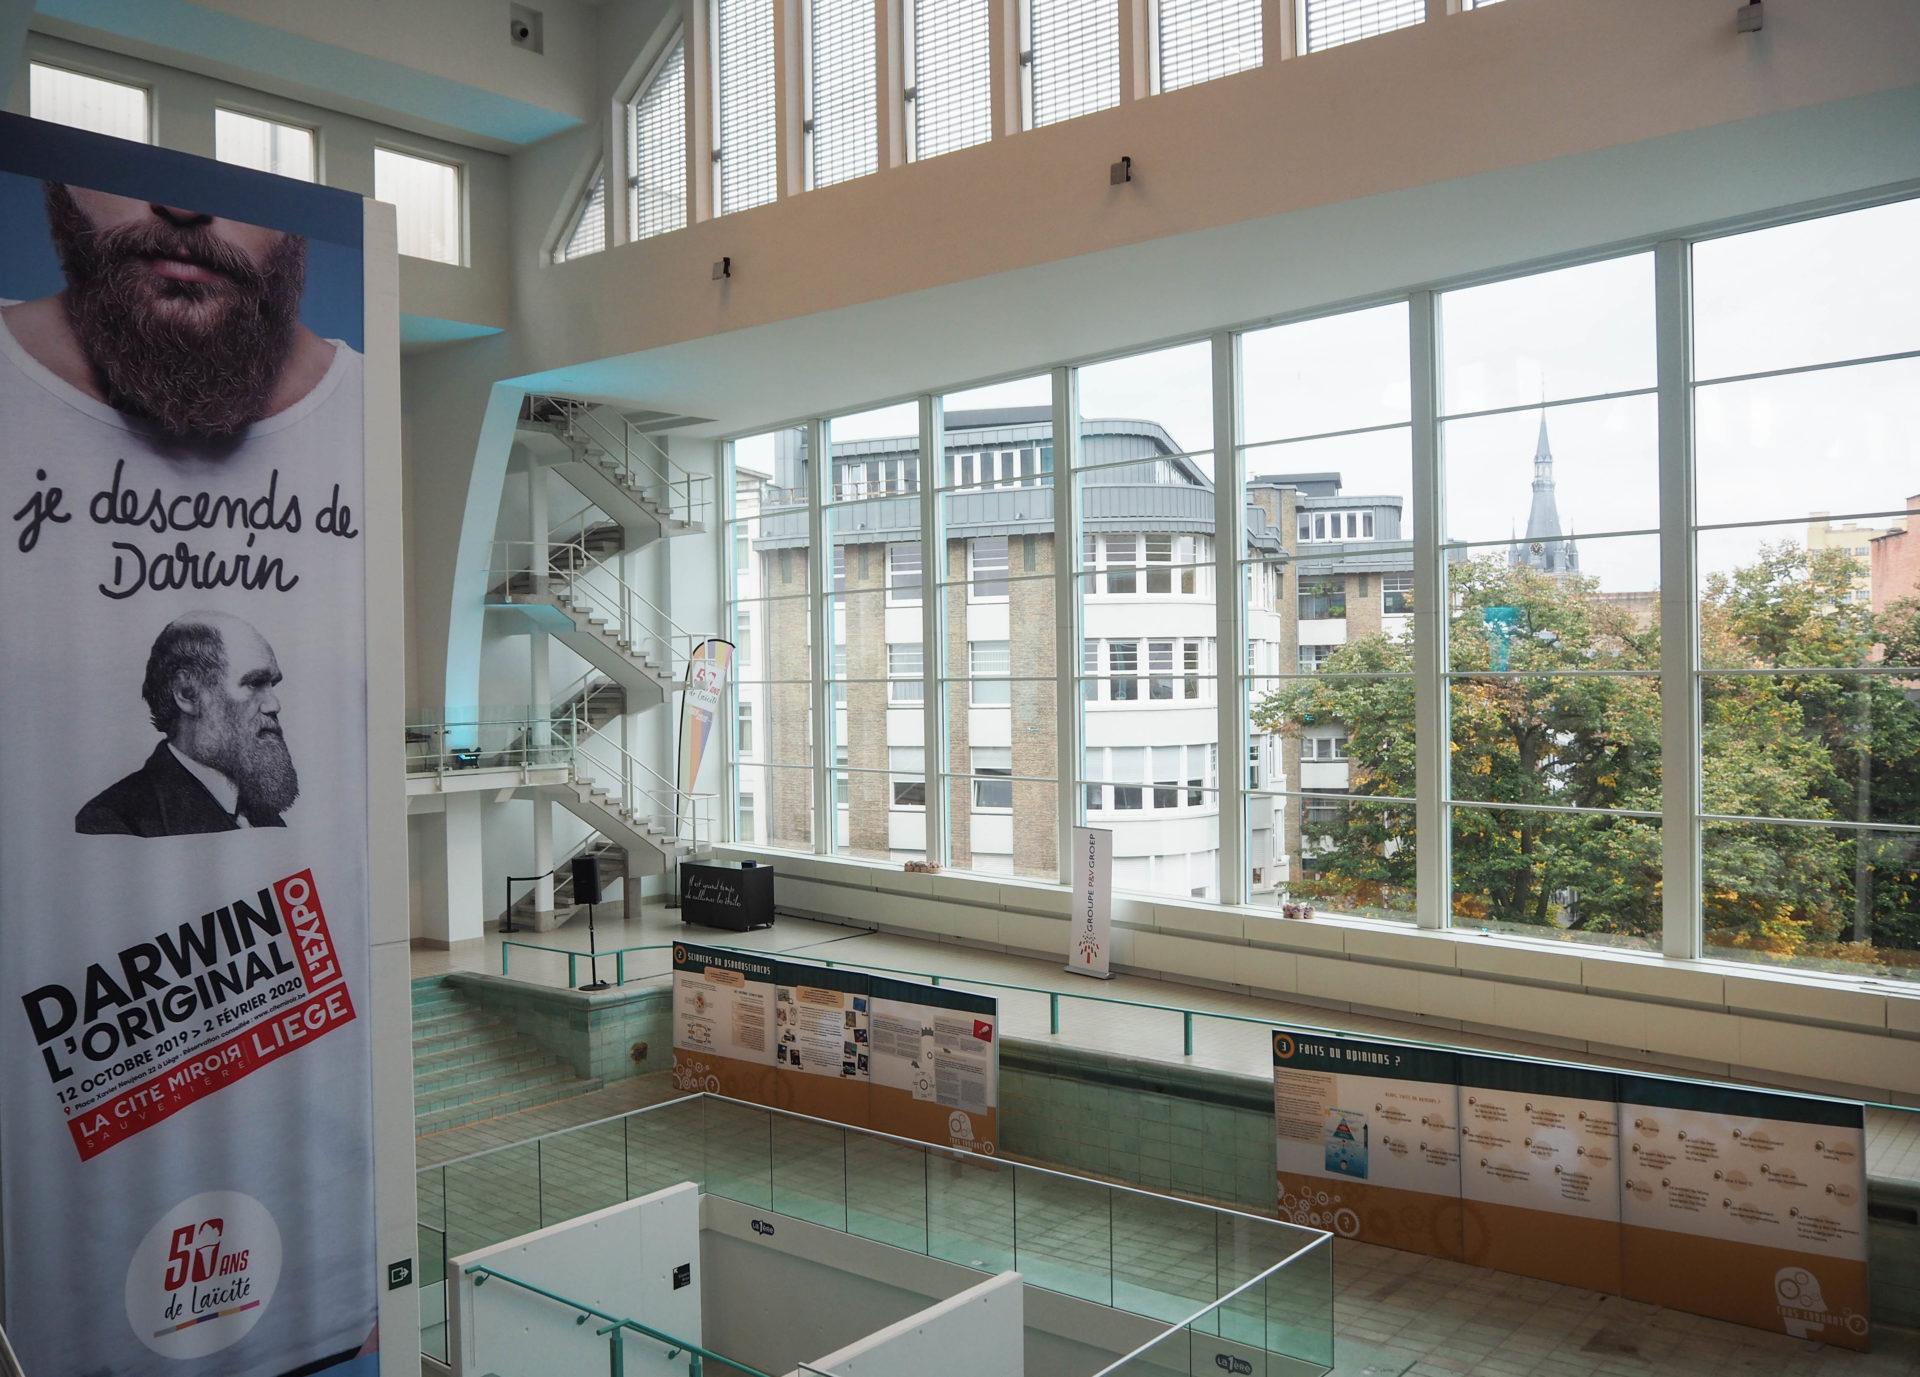 La Cité Miroir - Visiter Liège en Belgique en mode slow - Que faire et que visiter à Liège? - Adresses slow et gourmandes à Liège - Informations pratiques pour visiter Liège et en tomber amoureuse en quelques instants!